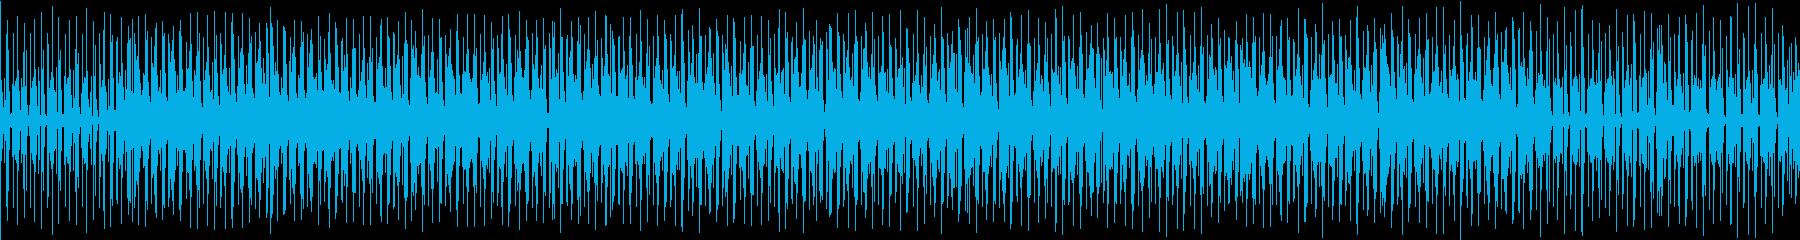 ゆったりとしたブレイクビートです。の再生済みの波形